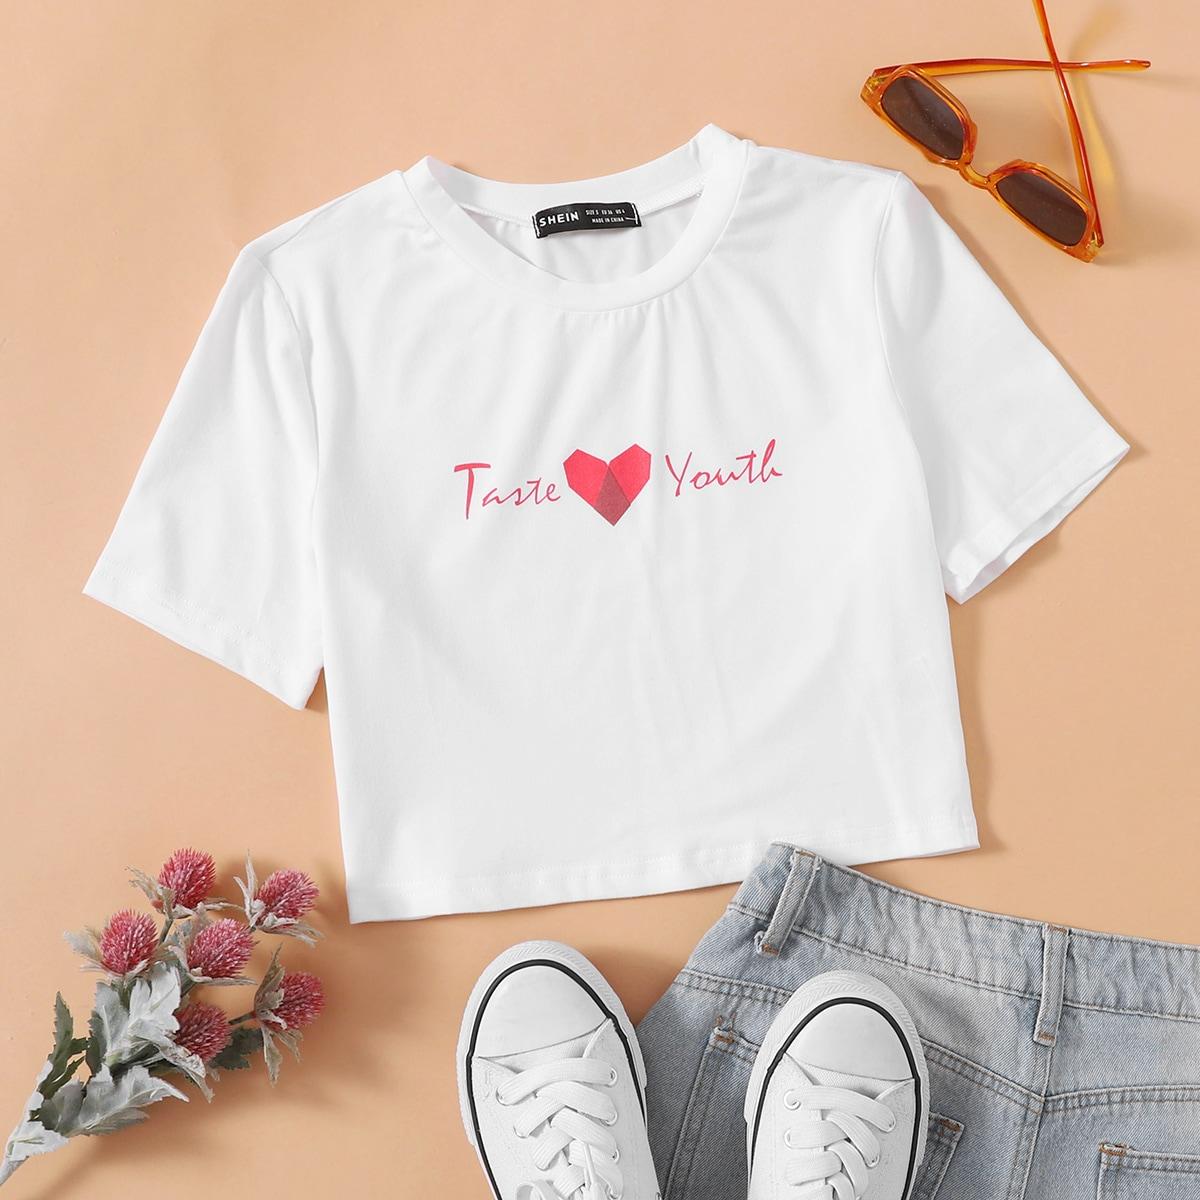 Короткая футболка с текстовым принтом по цене 360